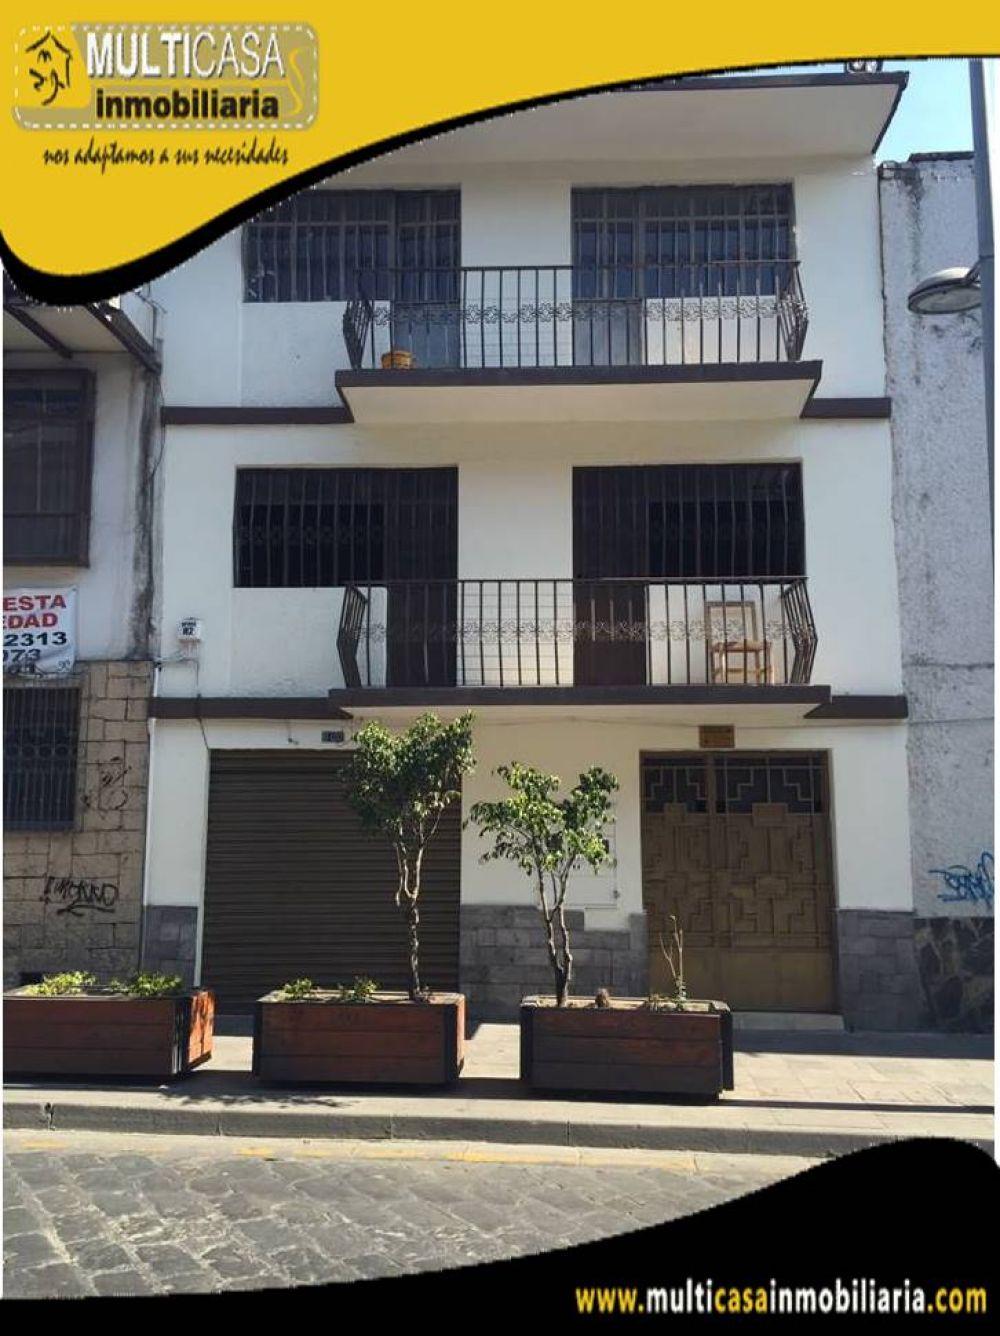 Arriendo Hermosa Casa Comercial de dos plantas ubicada en el Sector Calle Larga frente al Hotel Victoria Cuenca-Ecuador